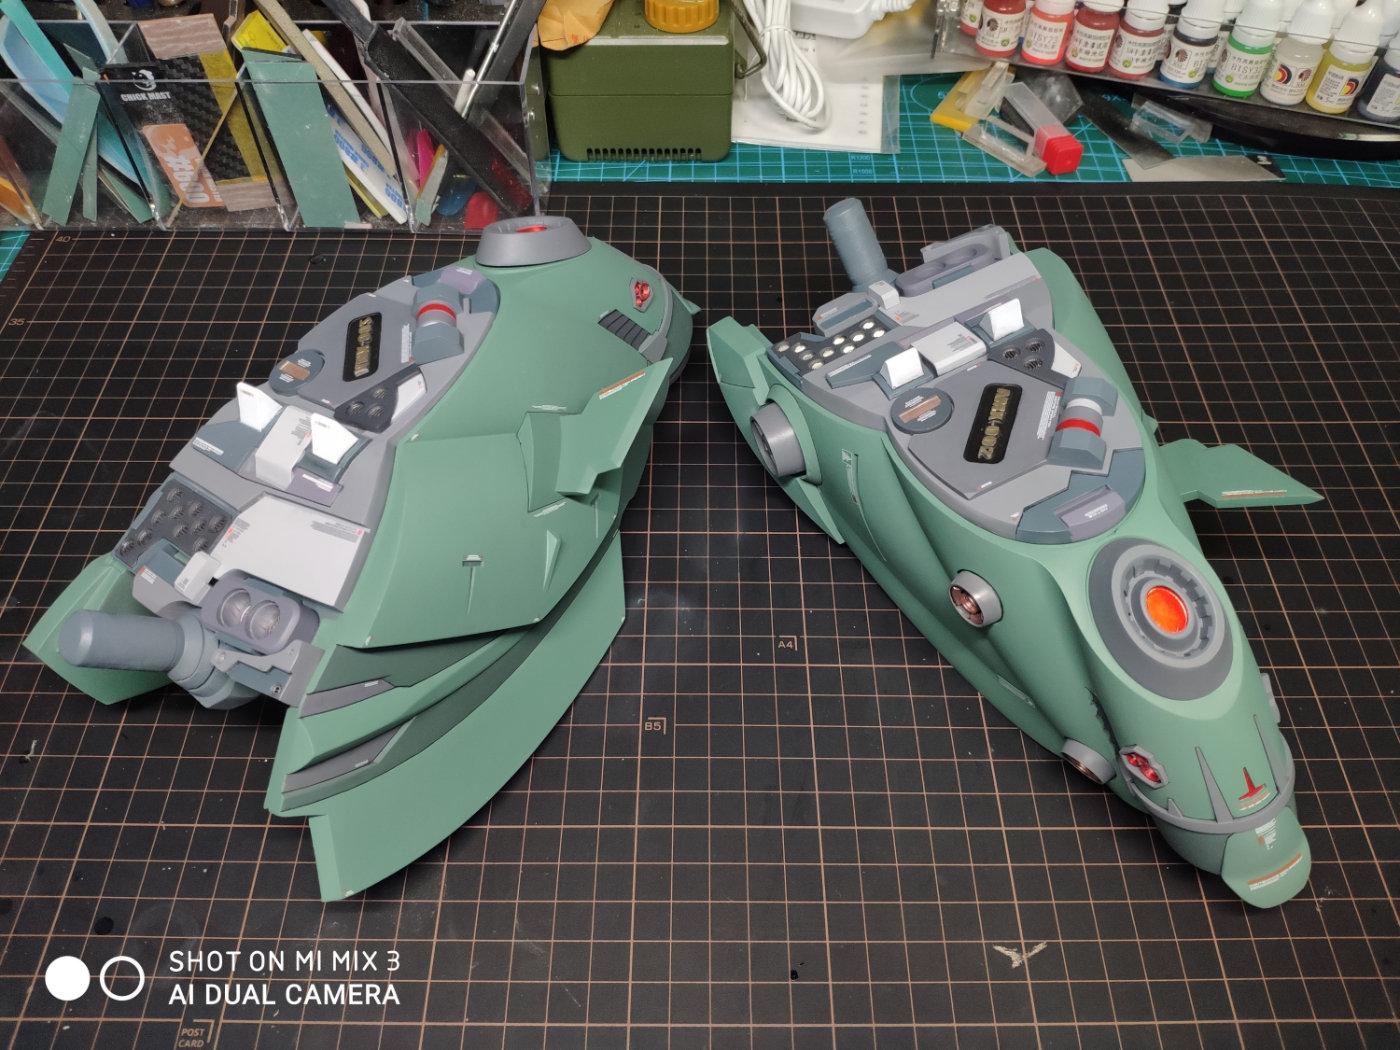 G330_AMX_002_Neue_Ziel_p_117.jpg